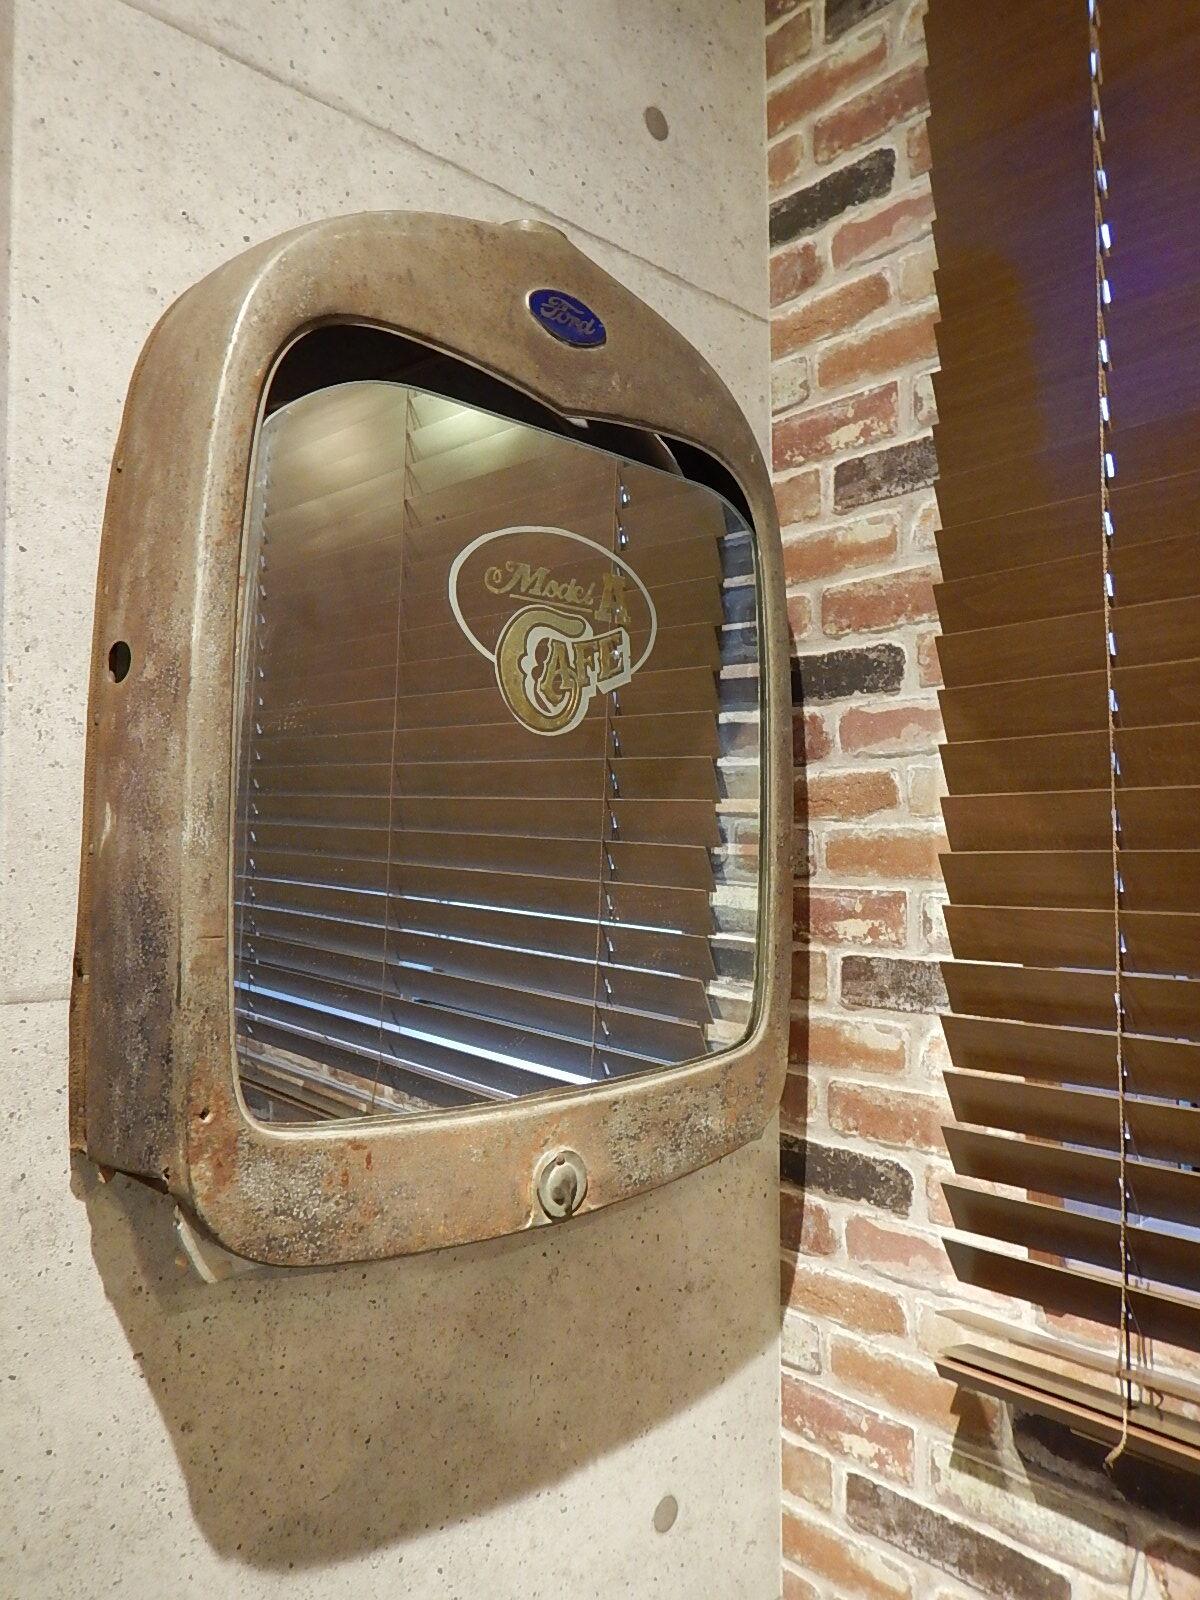 品番5674 Ford マスクミラー フォード 鏡 ヴィンテージ 012